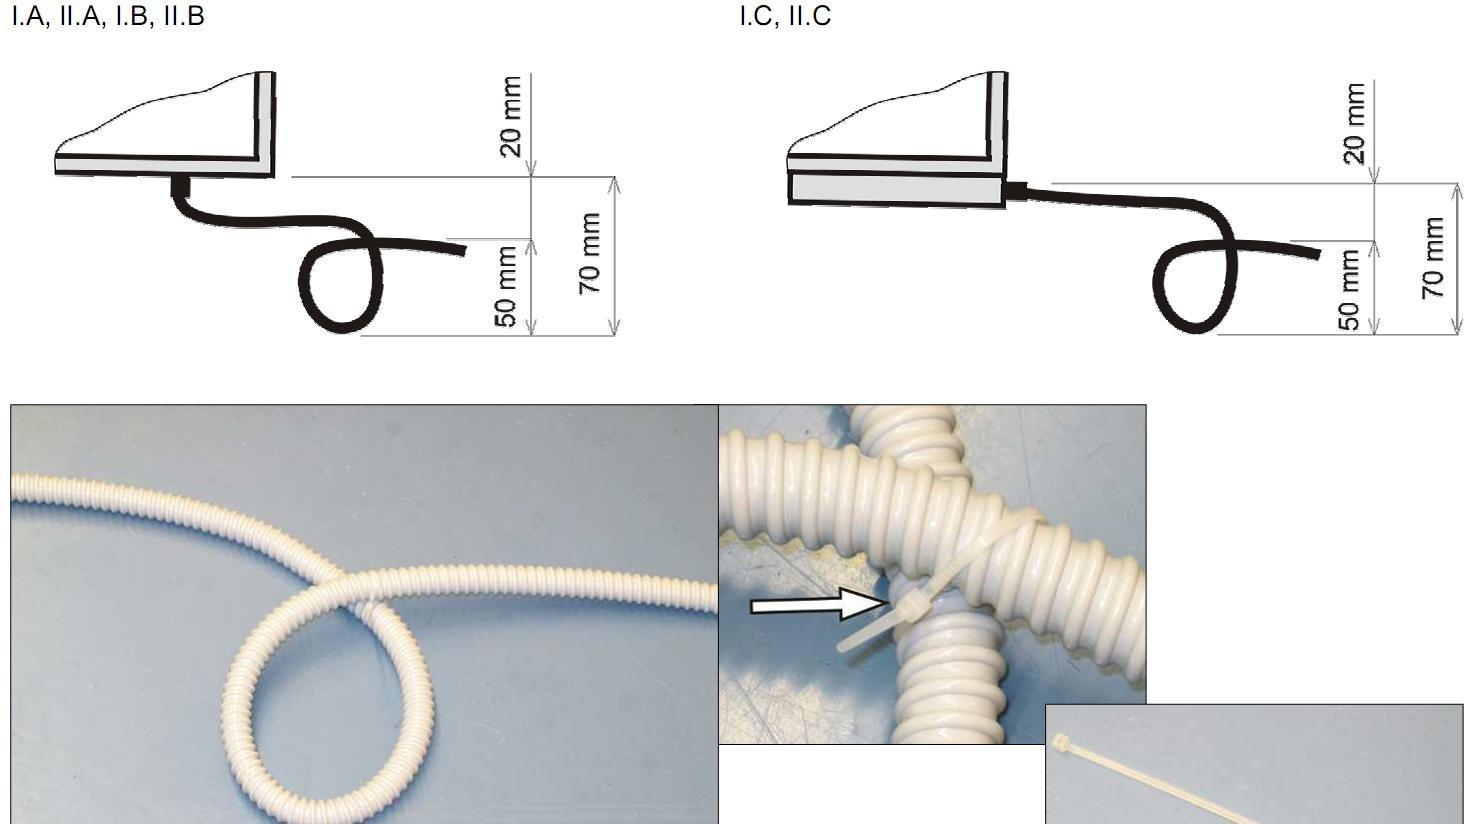 Potrubí pro odvod kondenzátu